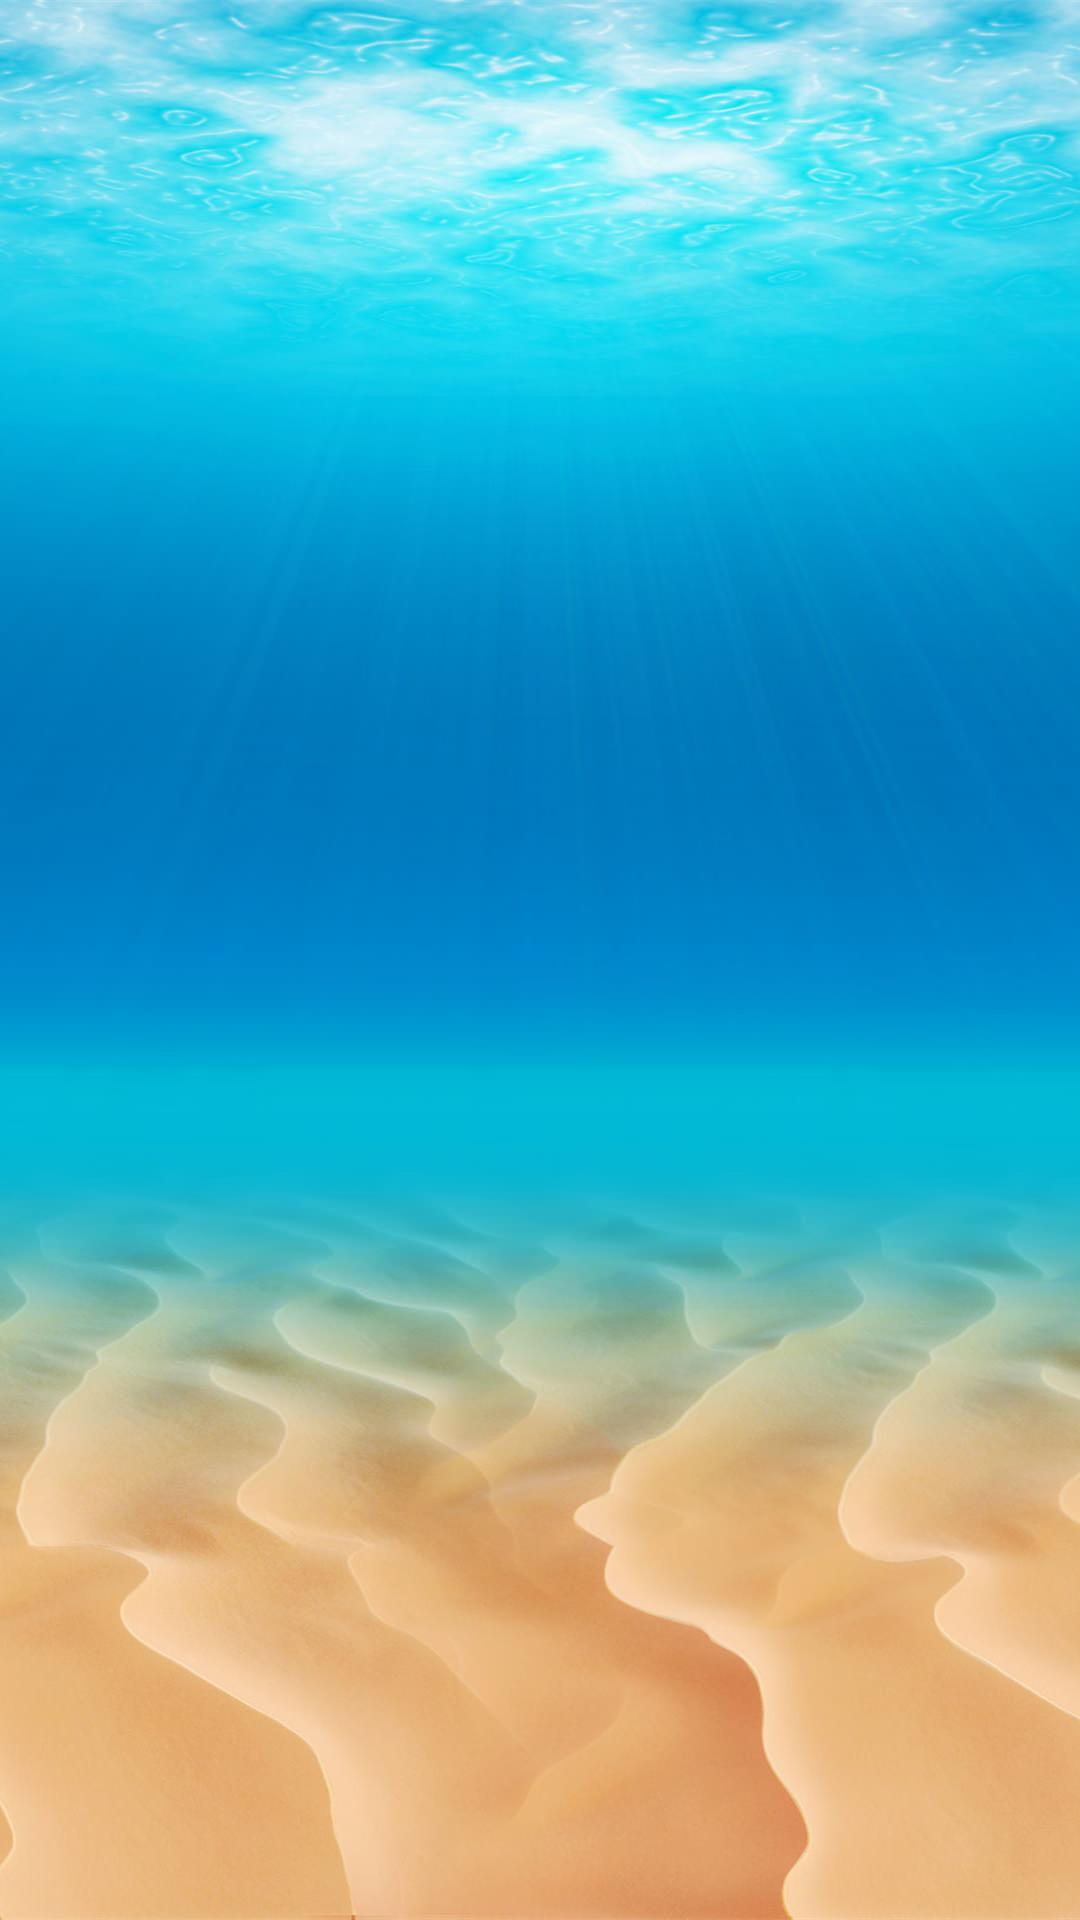 澄んだ海の中 iPhone6 Plus 壁紙